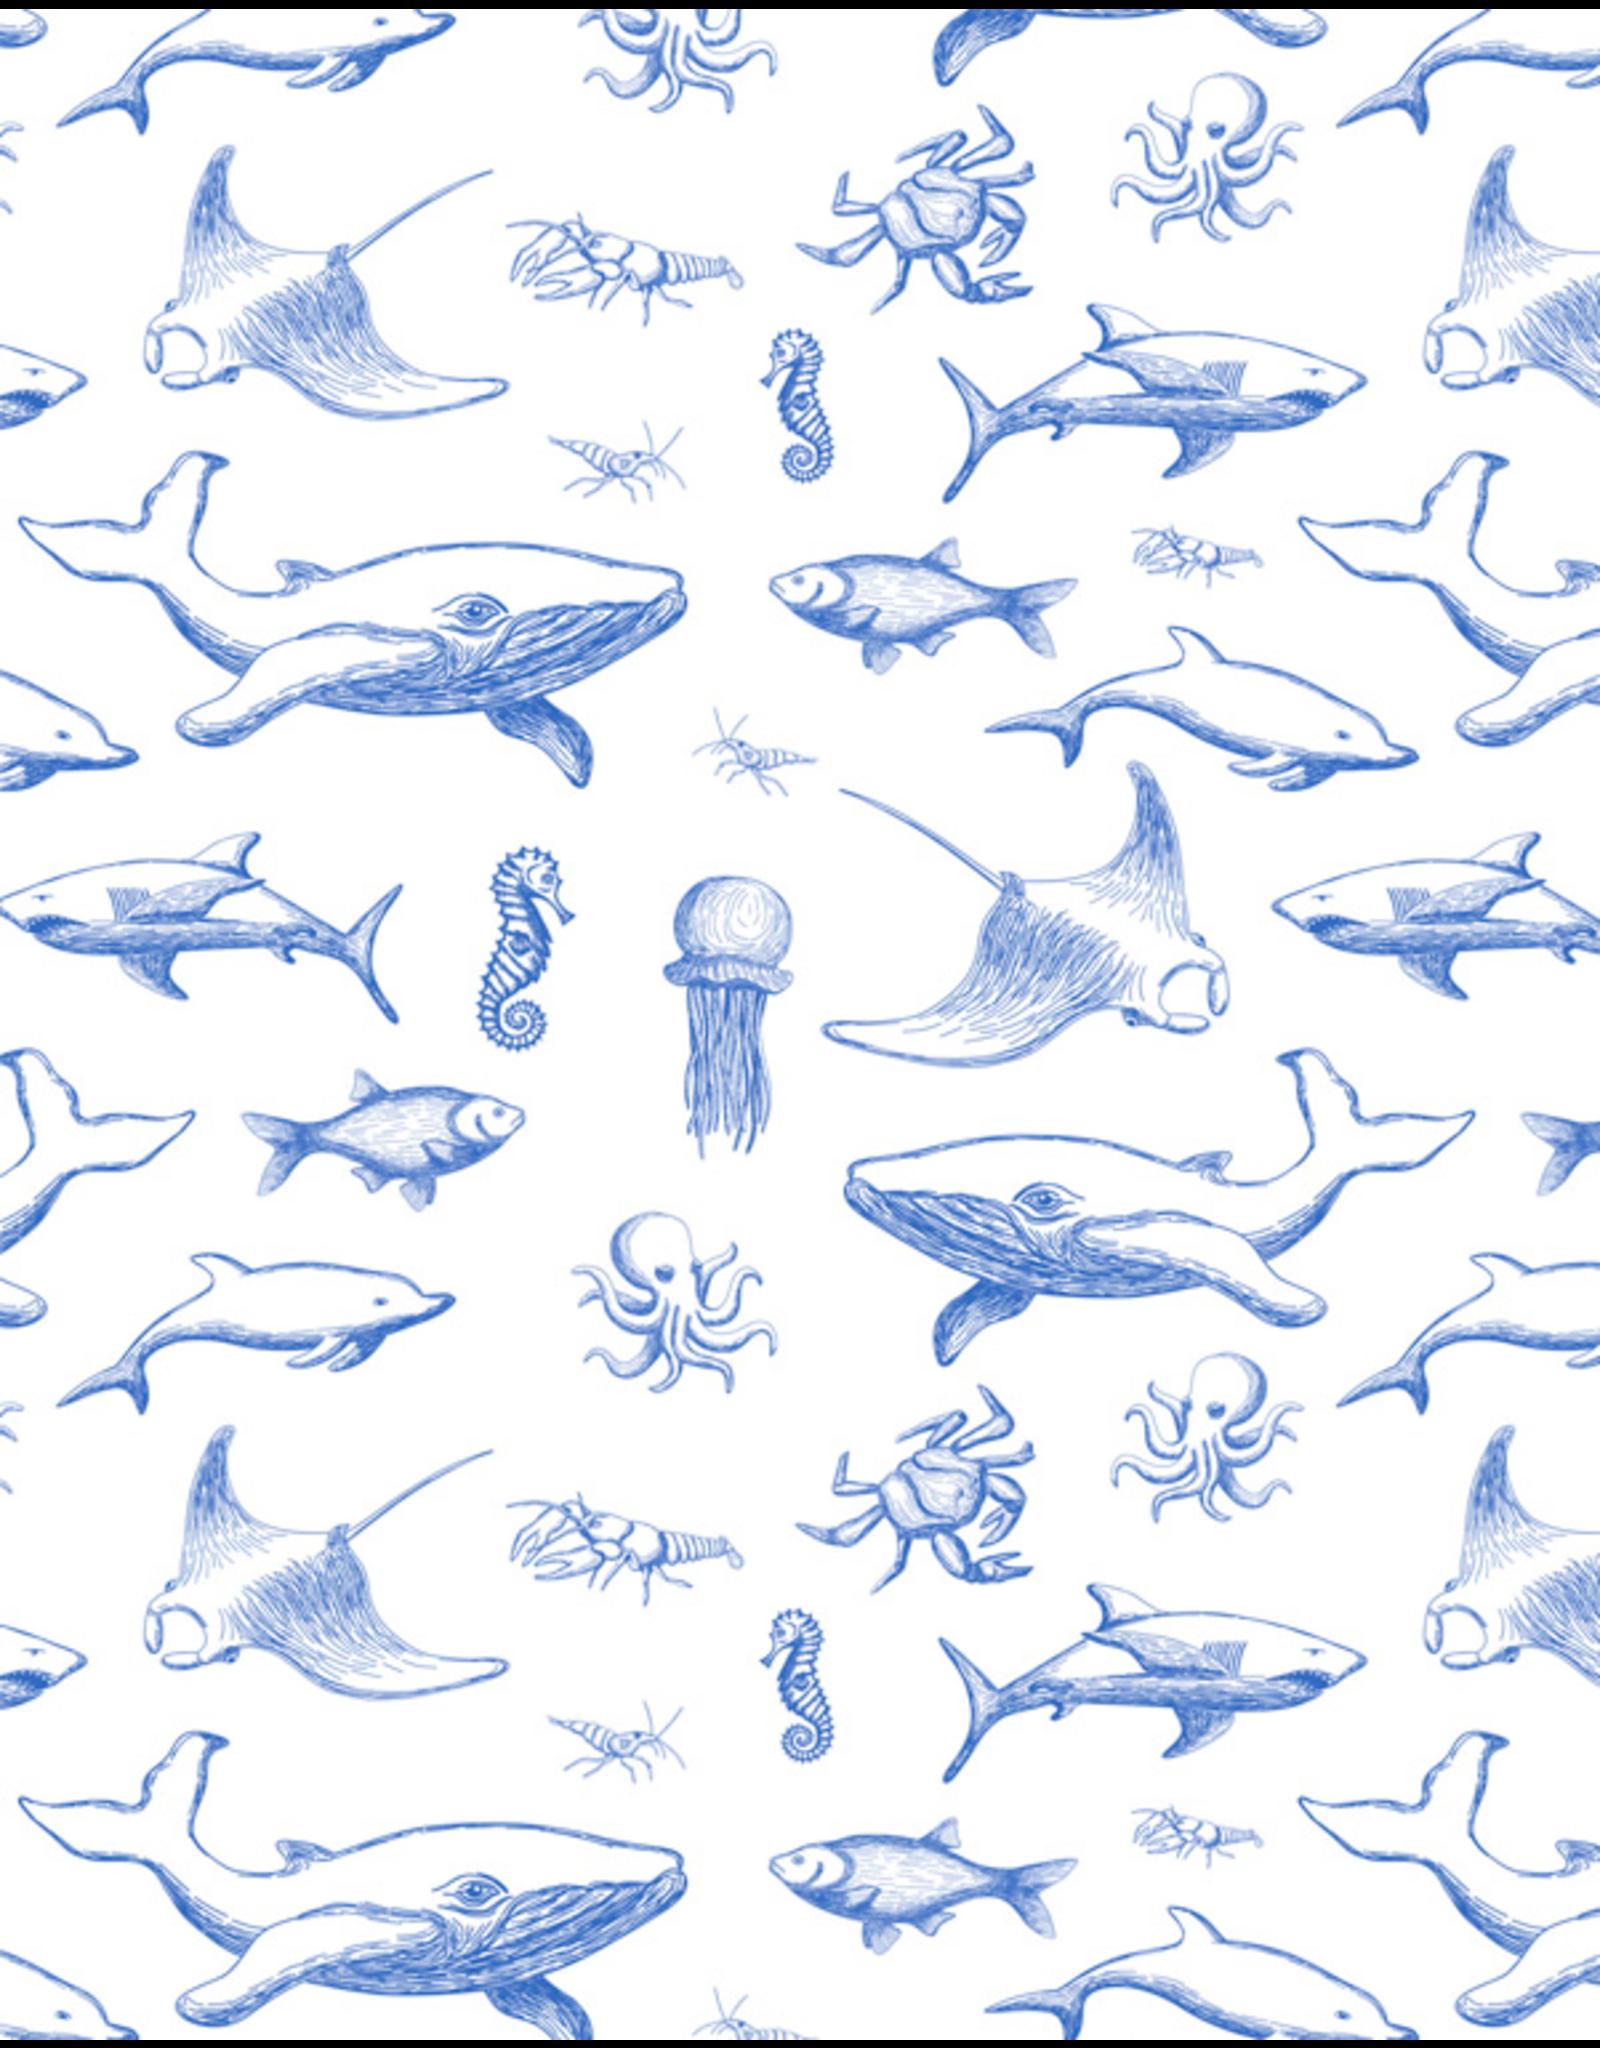 Sanbao Ocean – Fish